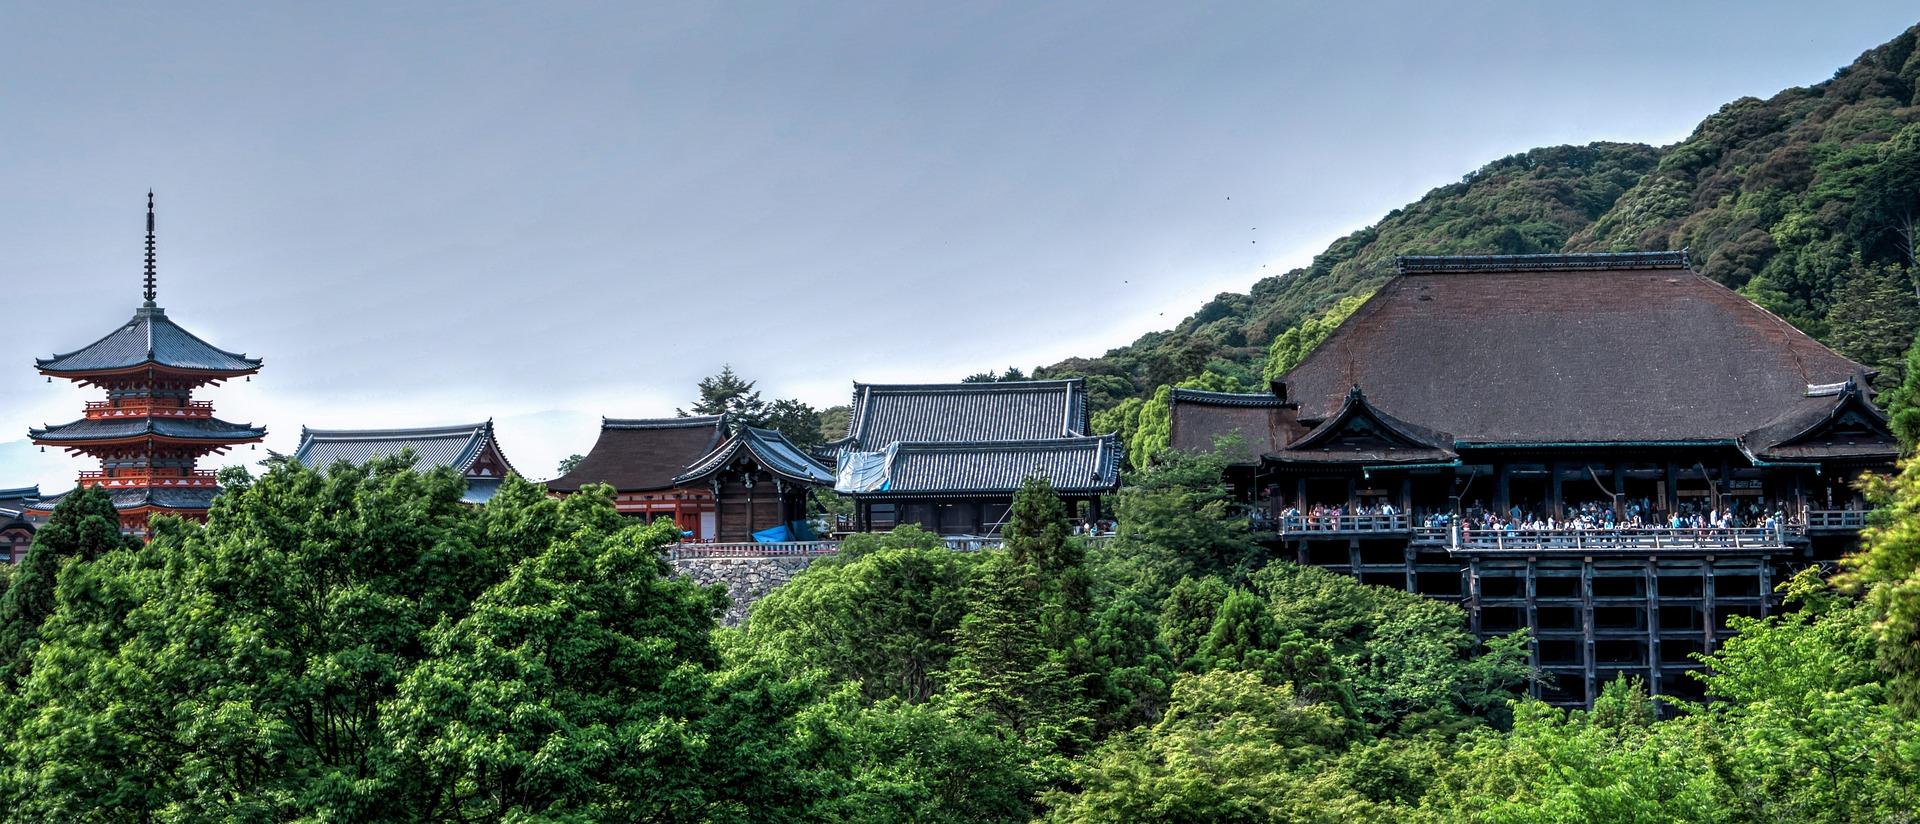 kiyomizu-dera-1449399_1920